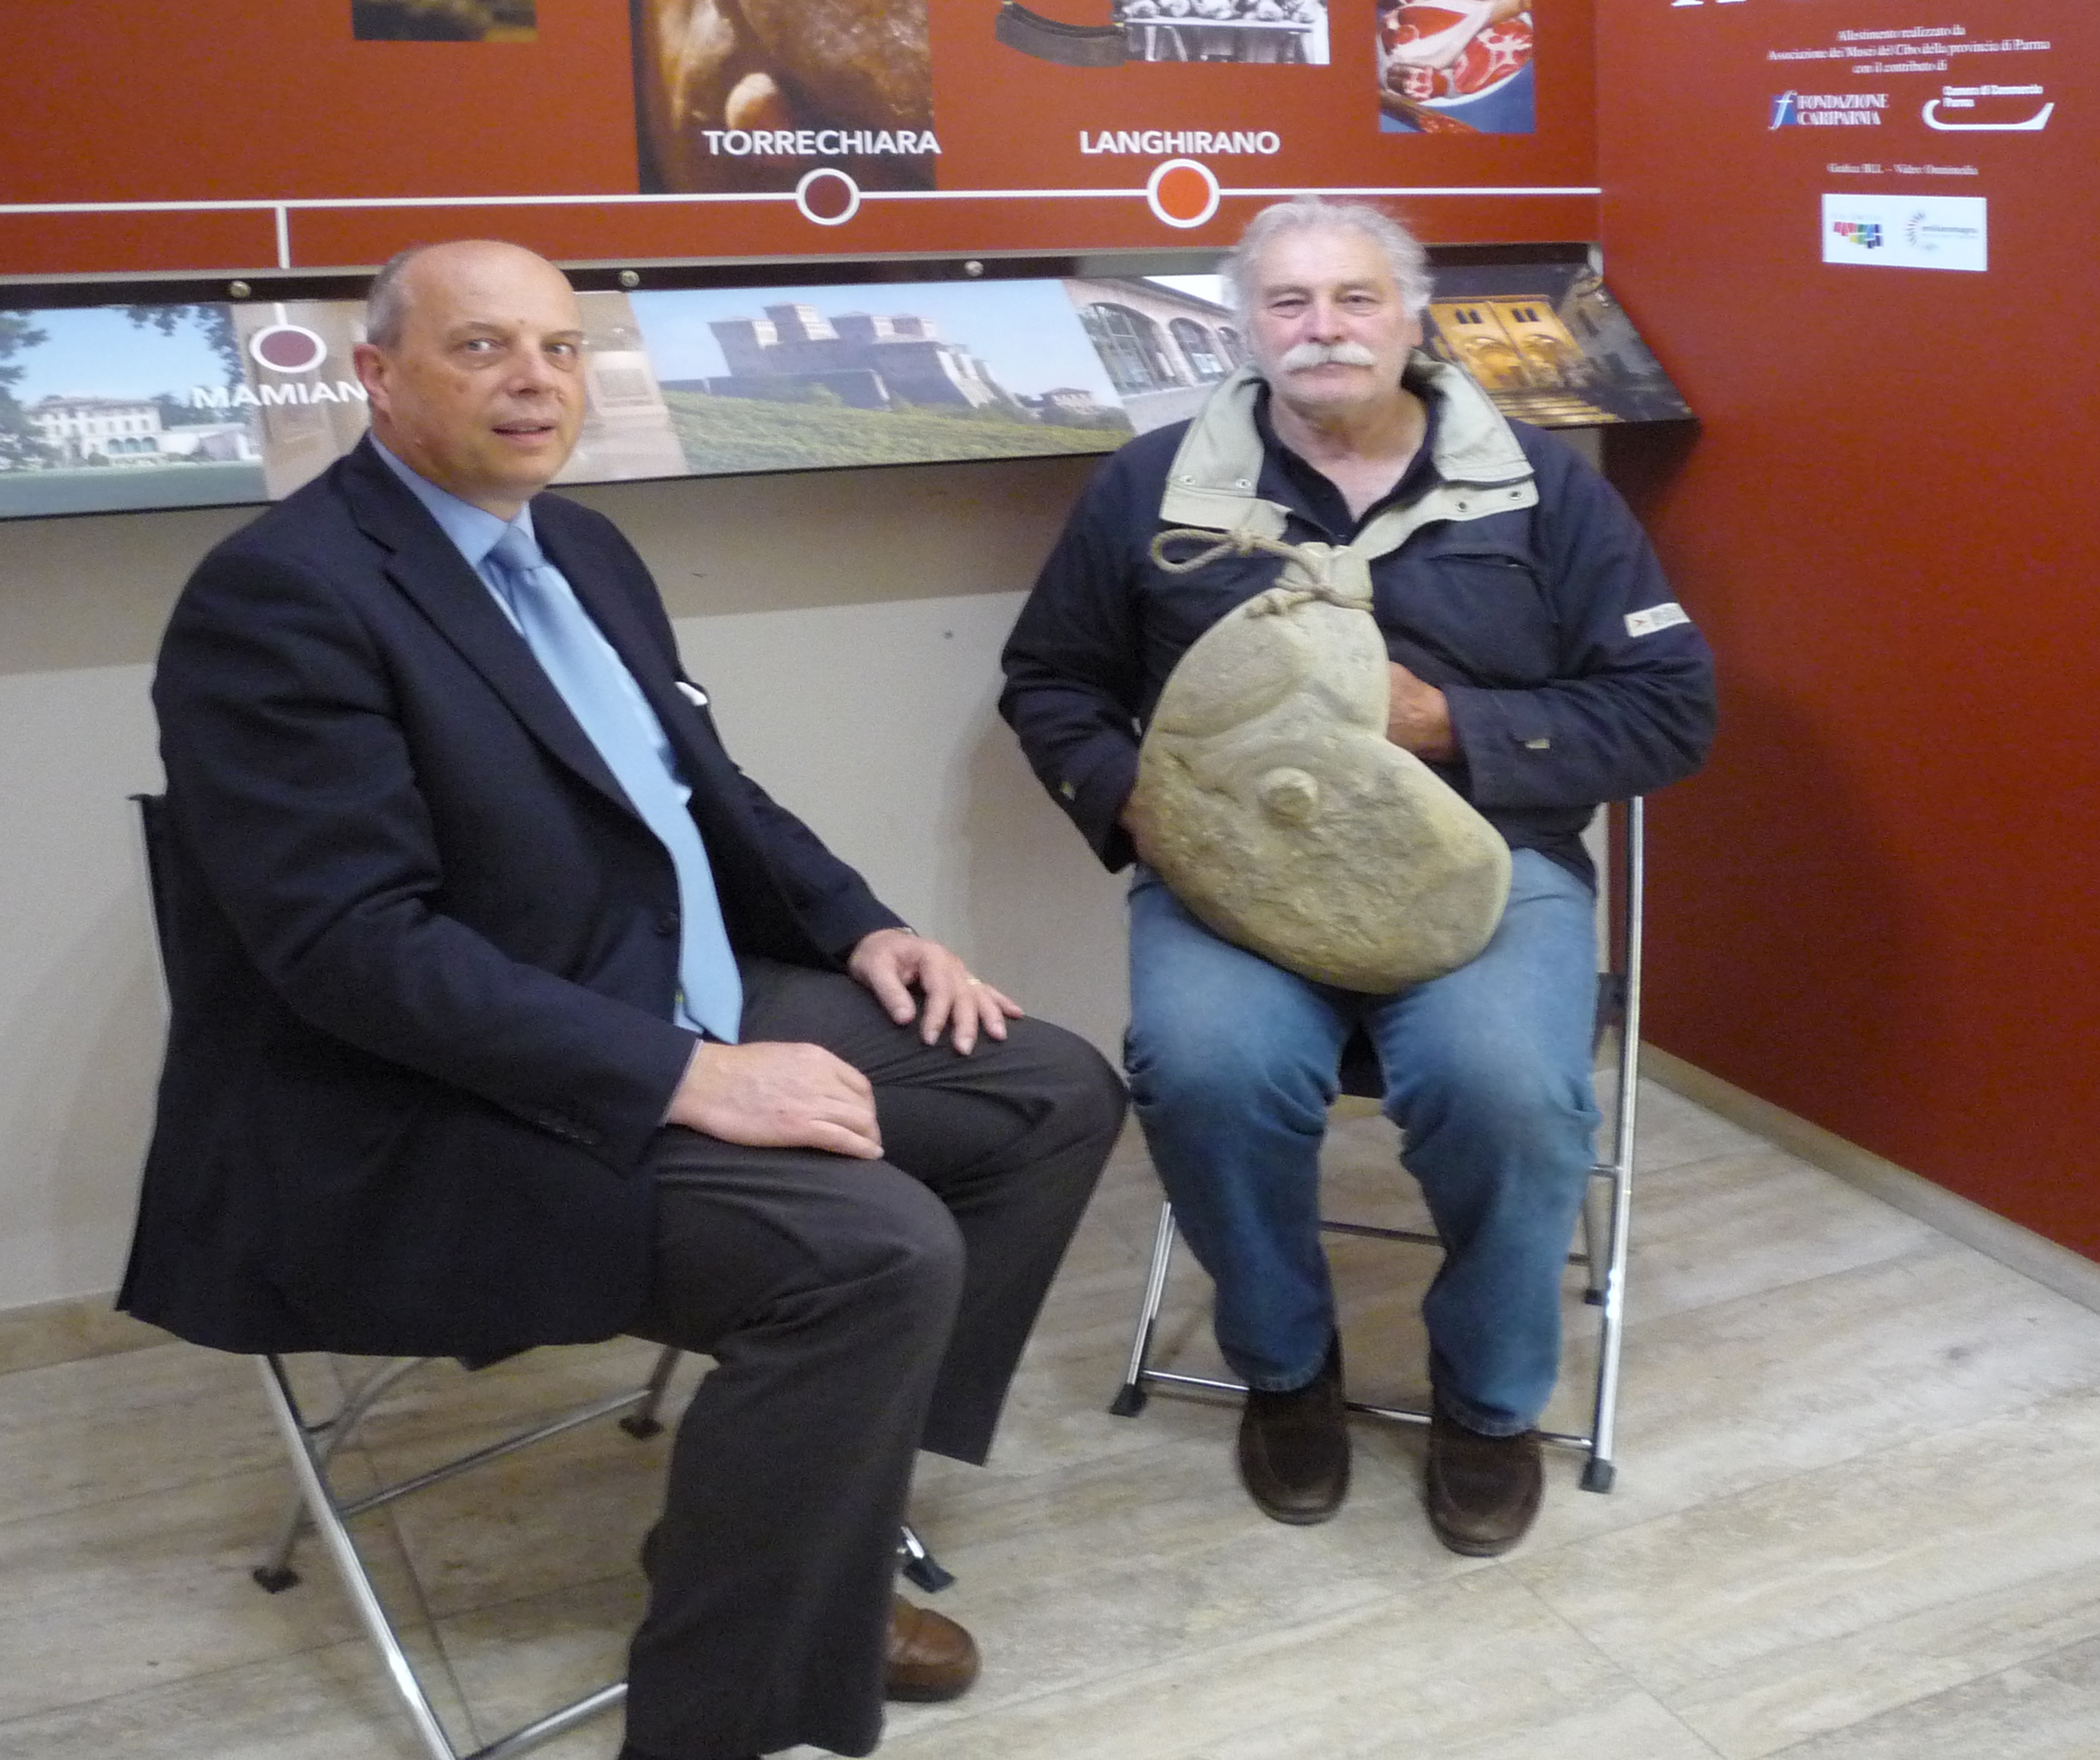 2017.03.27 – Museo del Prosciutto di Parma – Donazione Marcello Rigucci